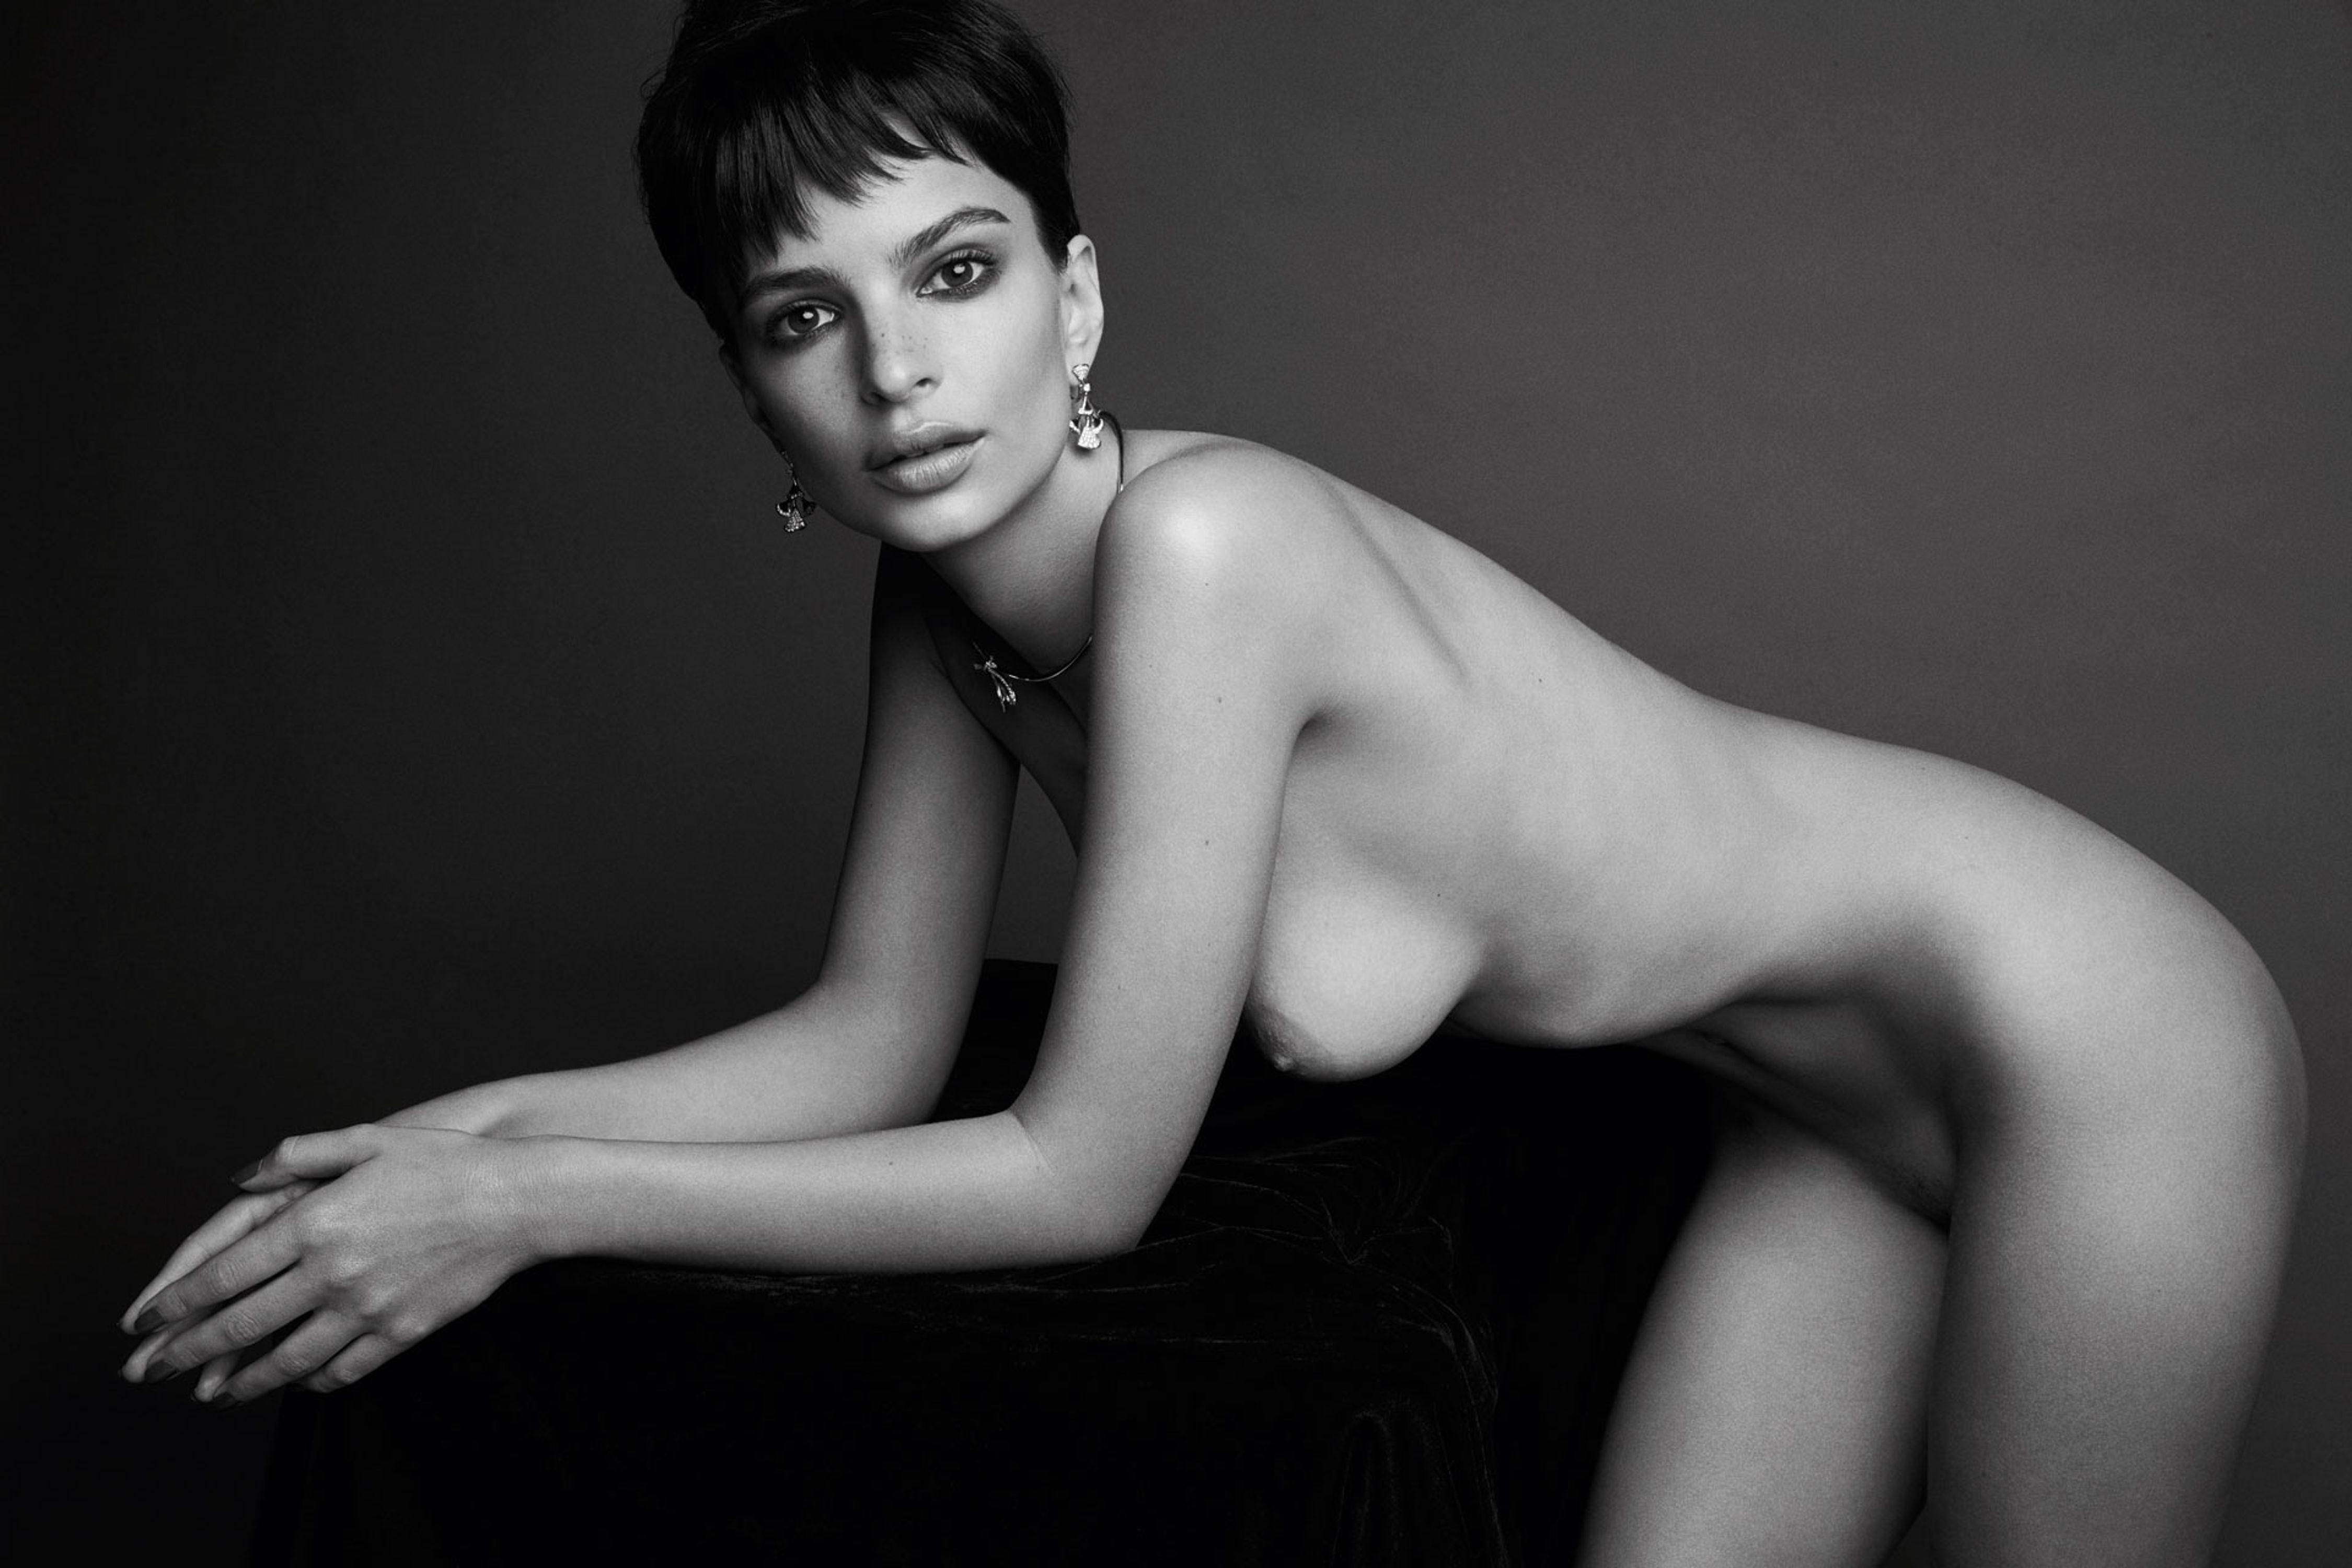 ormond-nude-celebrity-in-the-nude-gomez-nue